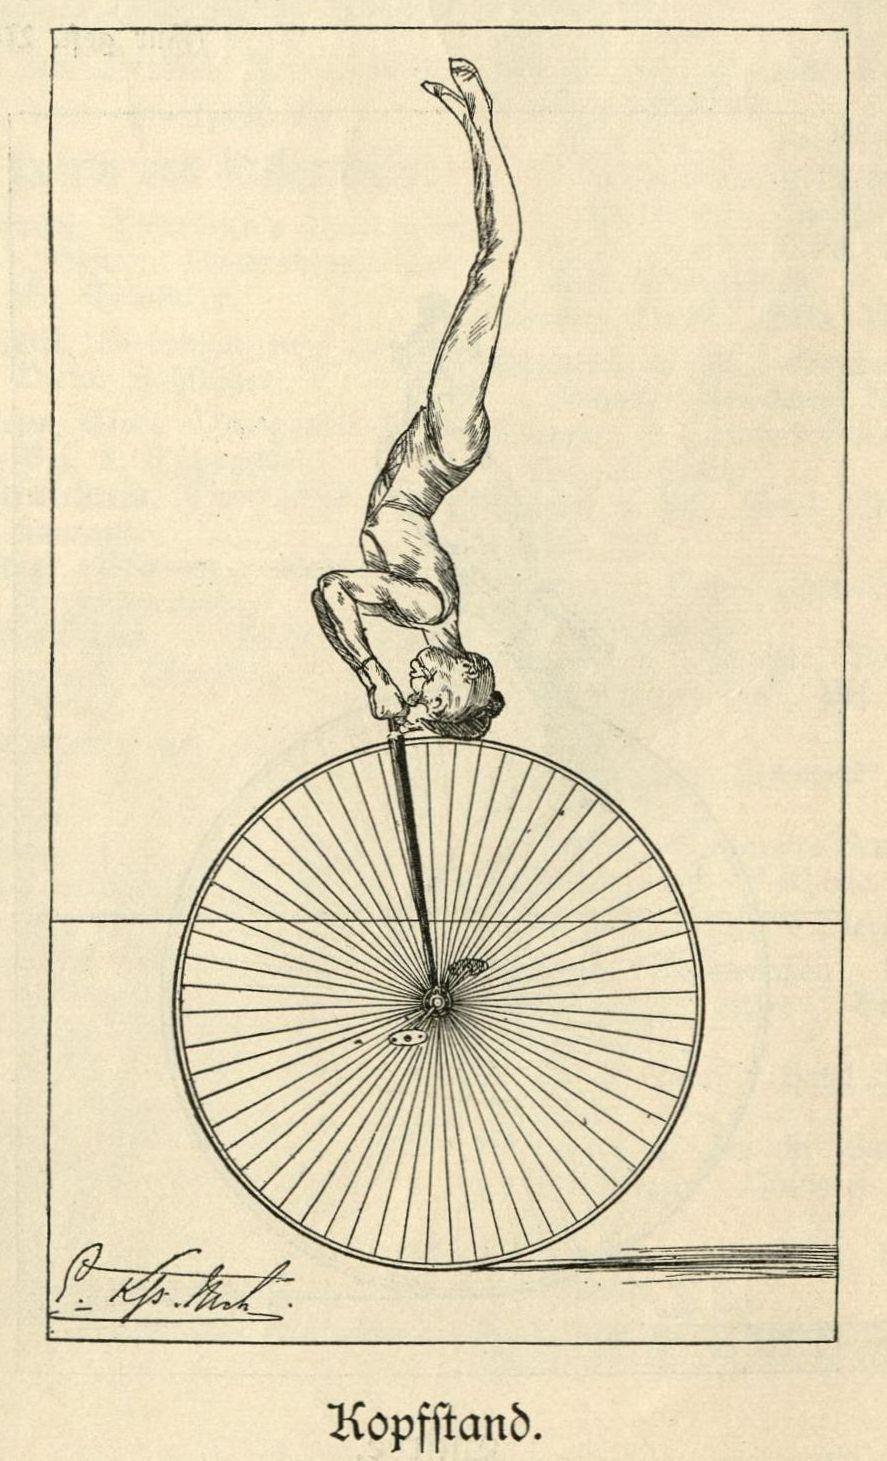 rh_87-88-monocycle06